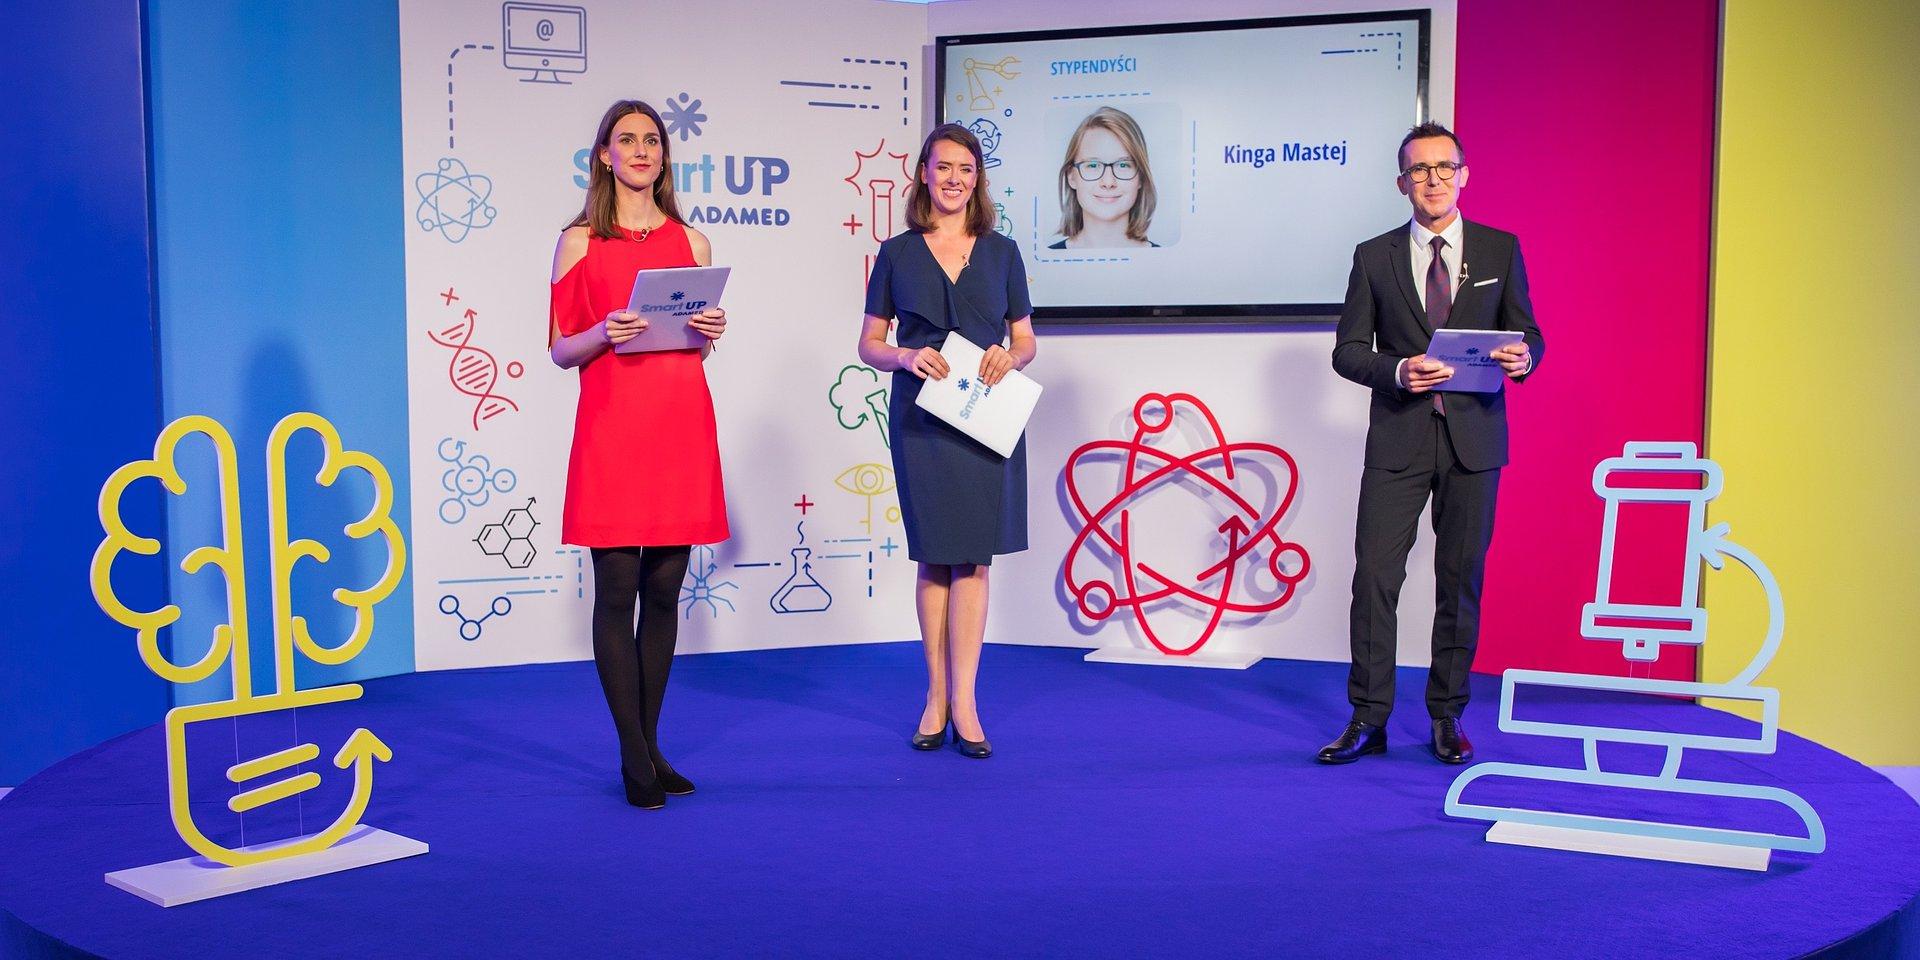 Poznaliśmy laureatów 6. edycji programu ADAMED SmartUP